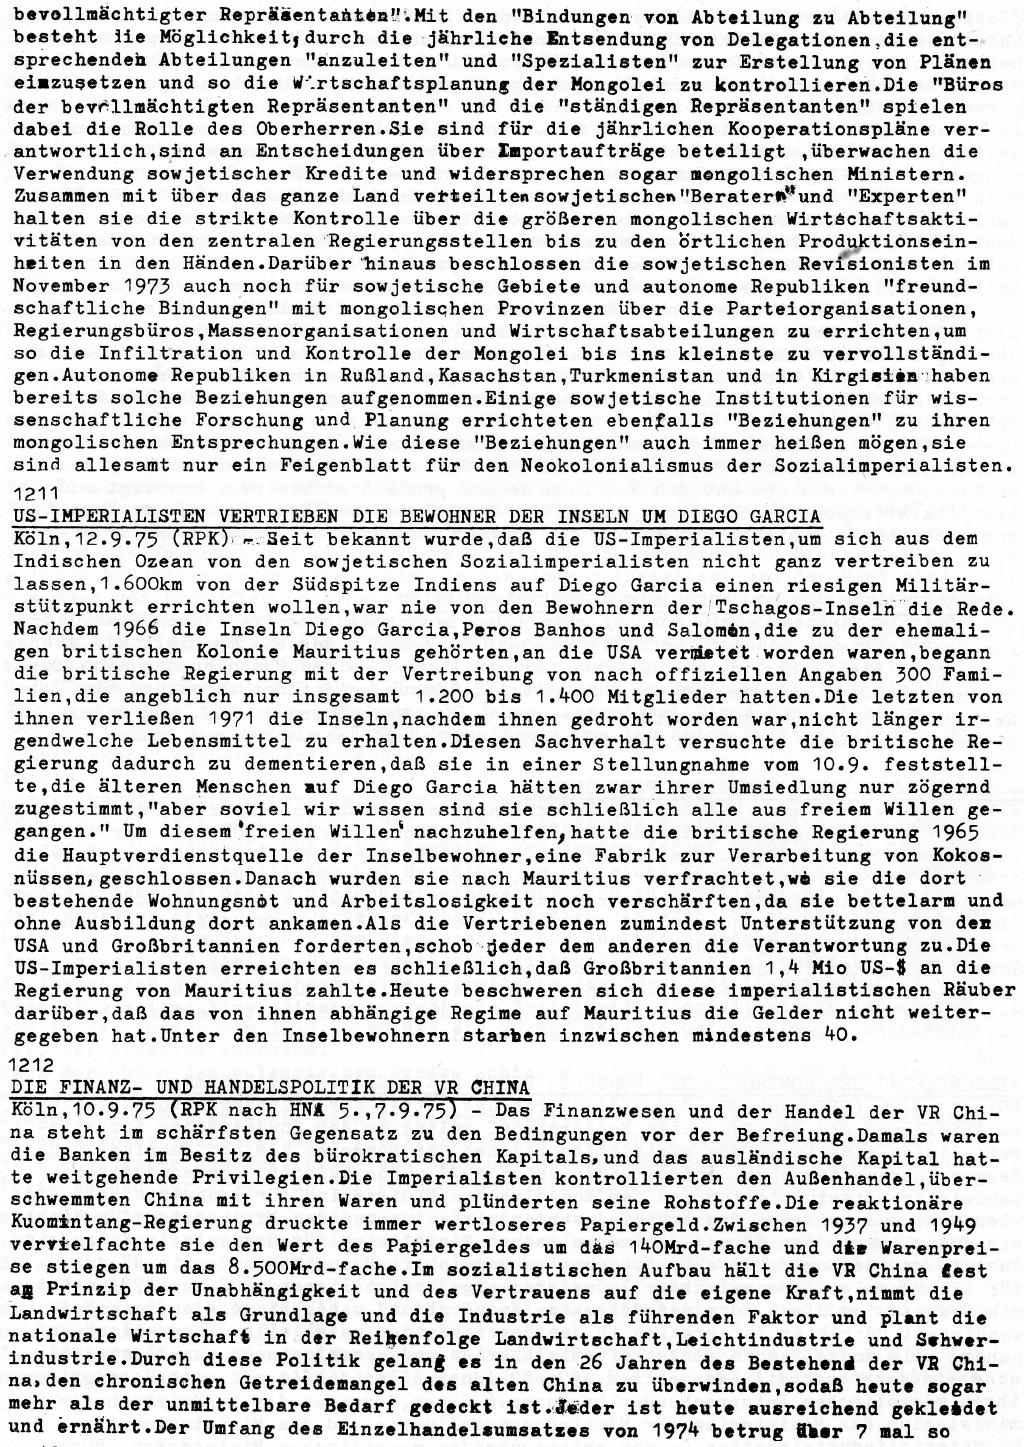 RPK_Pressedienst_1975_43_12